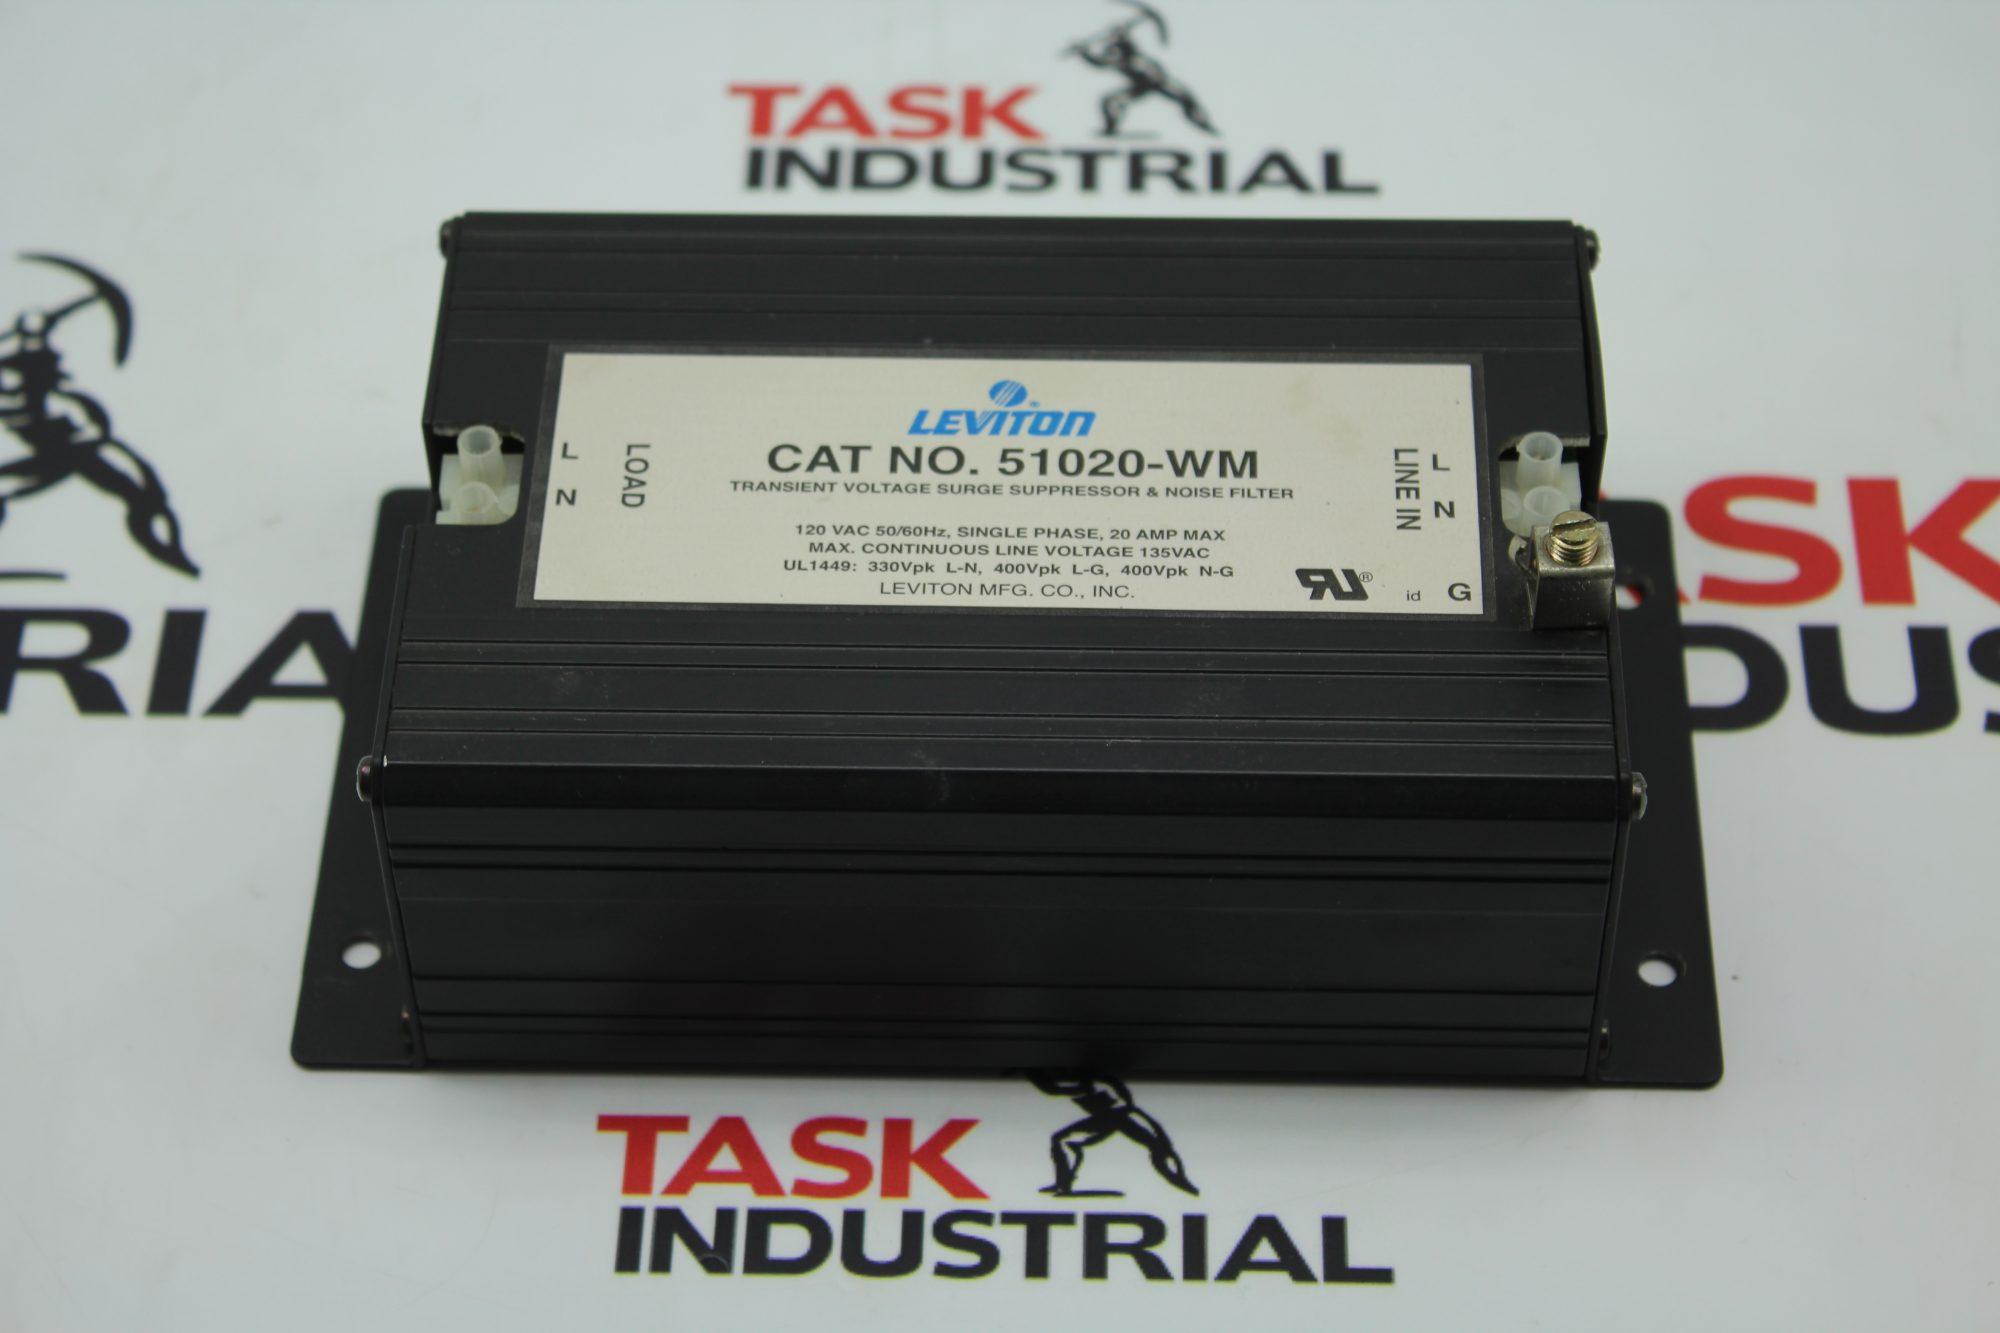 Leviton CAT No. 51020-WM Transient Voltage Surge Suppressor.